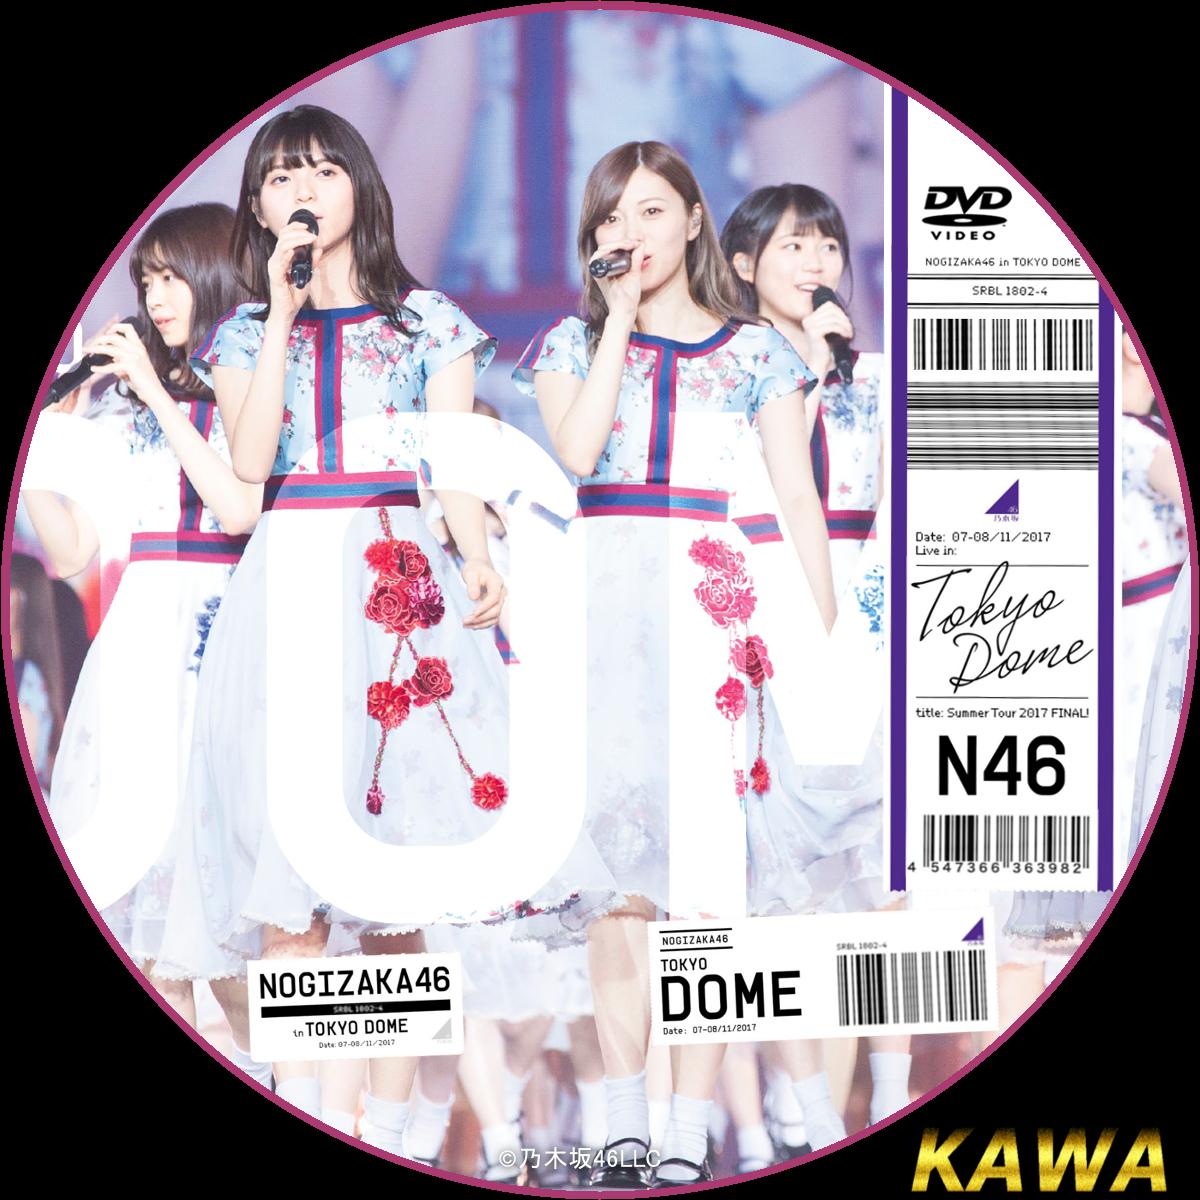 真夏の全国ツアー2017 FINAL!IN TOKYO DOME 完全生産限定盤 DVD